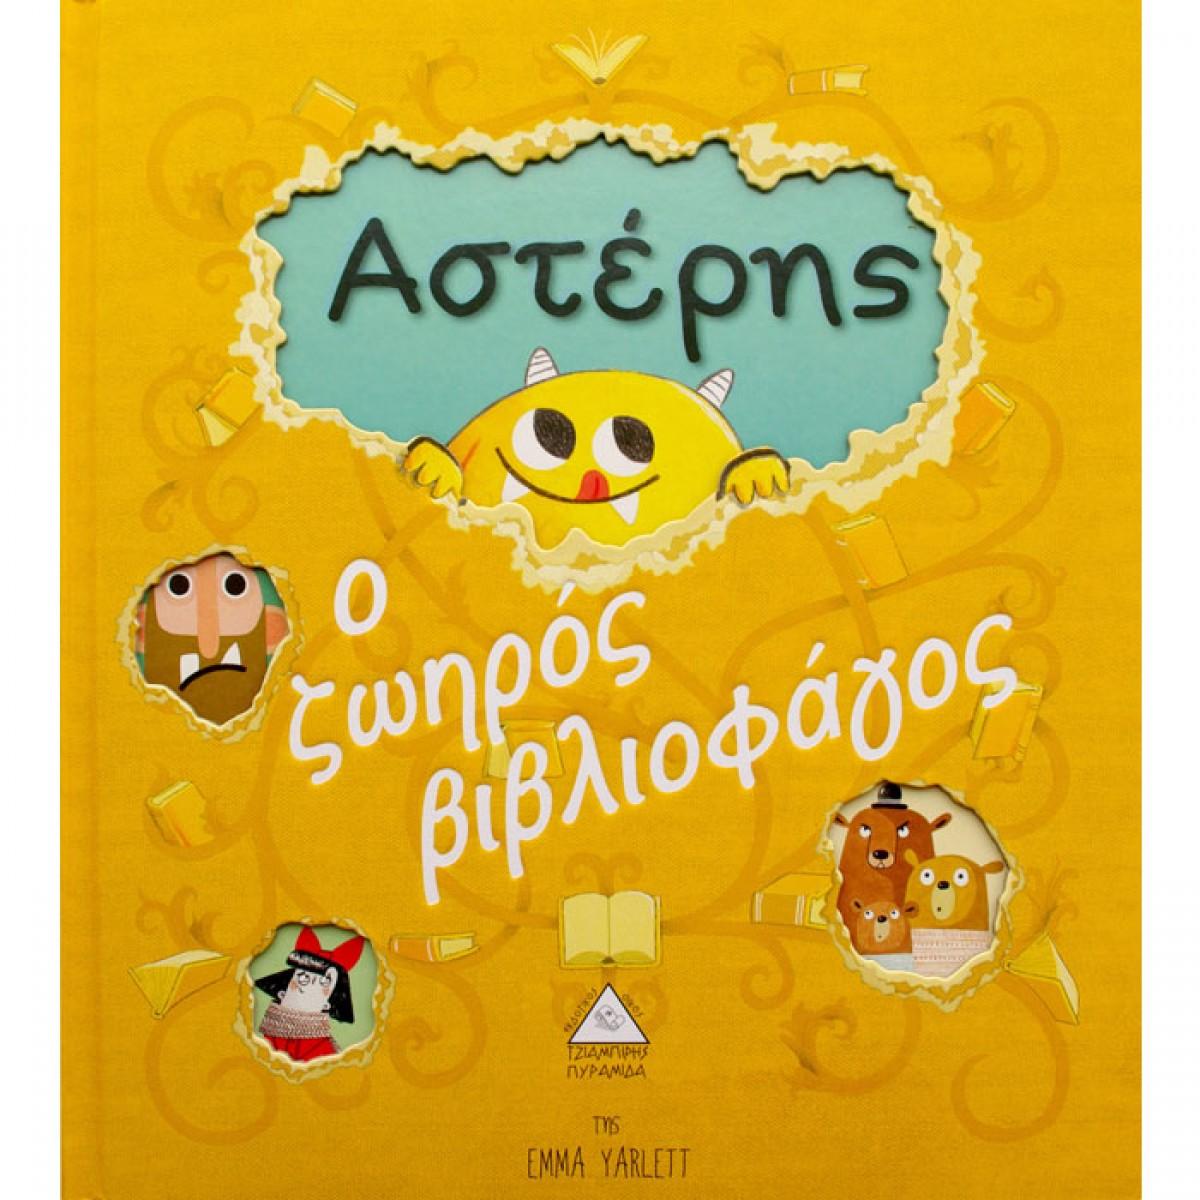 ΑΣΤΕΡΗΣ Ο ΖΩΗΡΟΣ ΒΙΒΛΙΟΦΑΓΟΣ Παιδικά Βιβλία